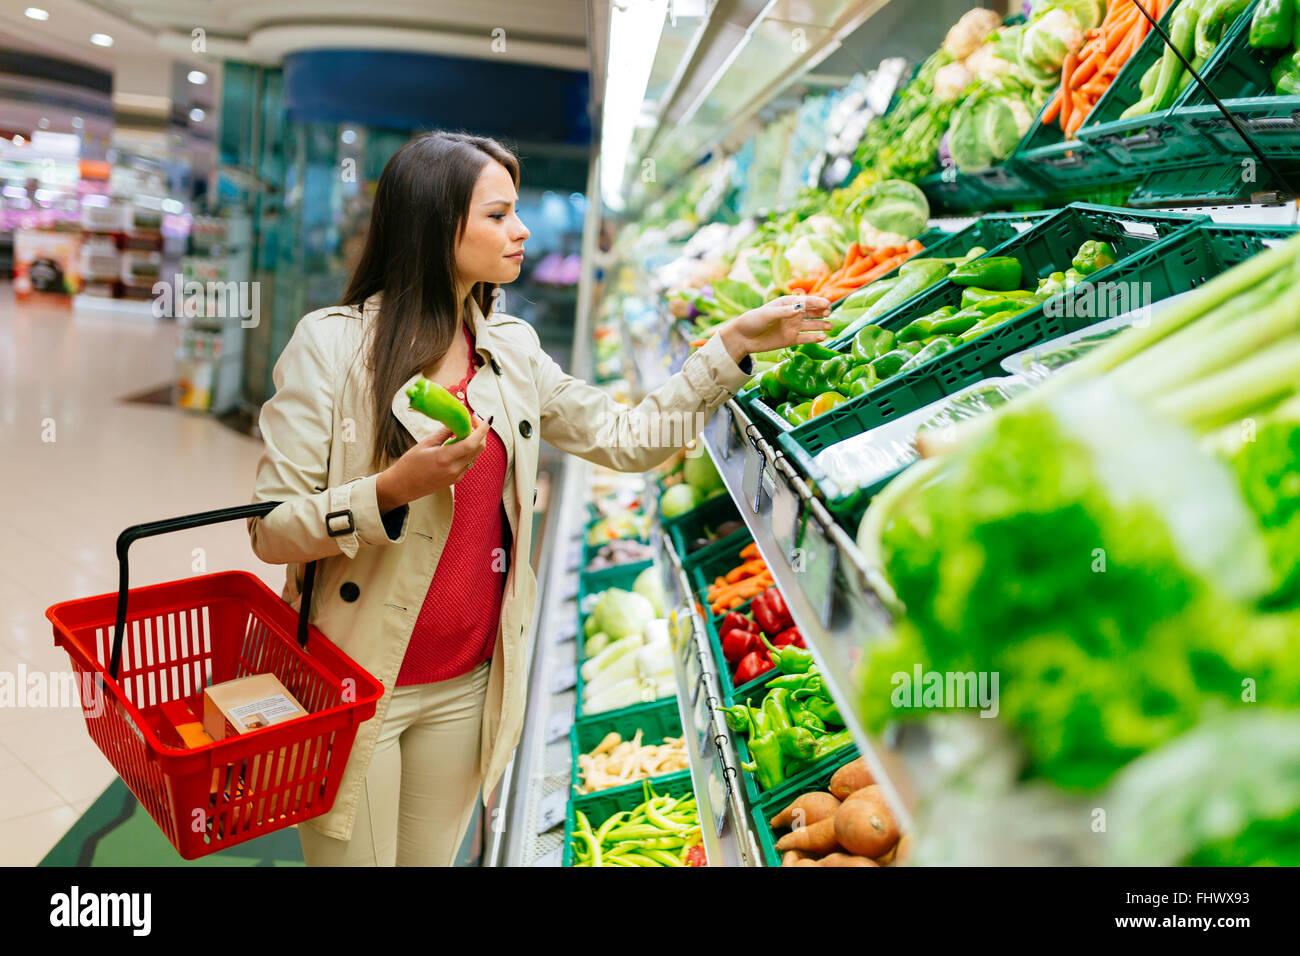 Schöne Frauen Obst und Gemüse im Supermarkt einkaufen Stockbild